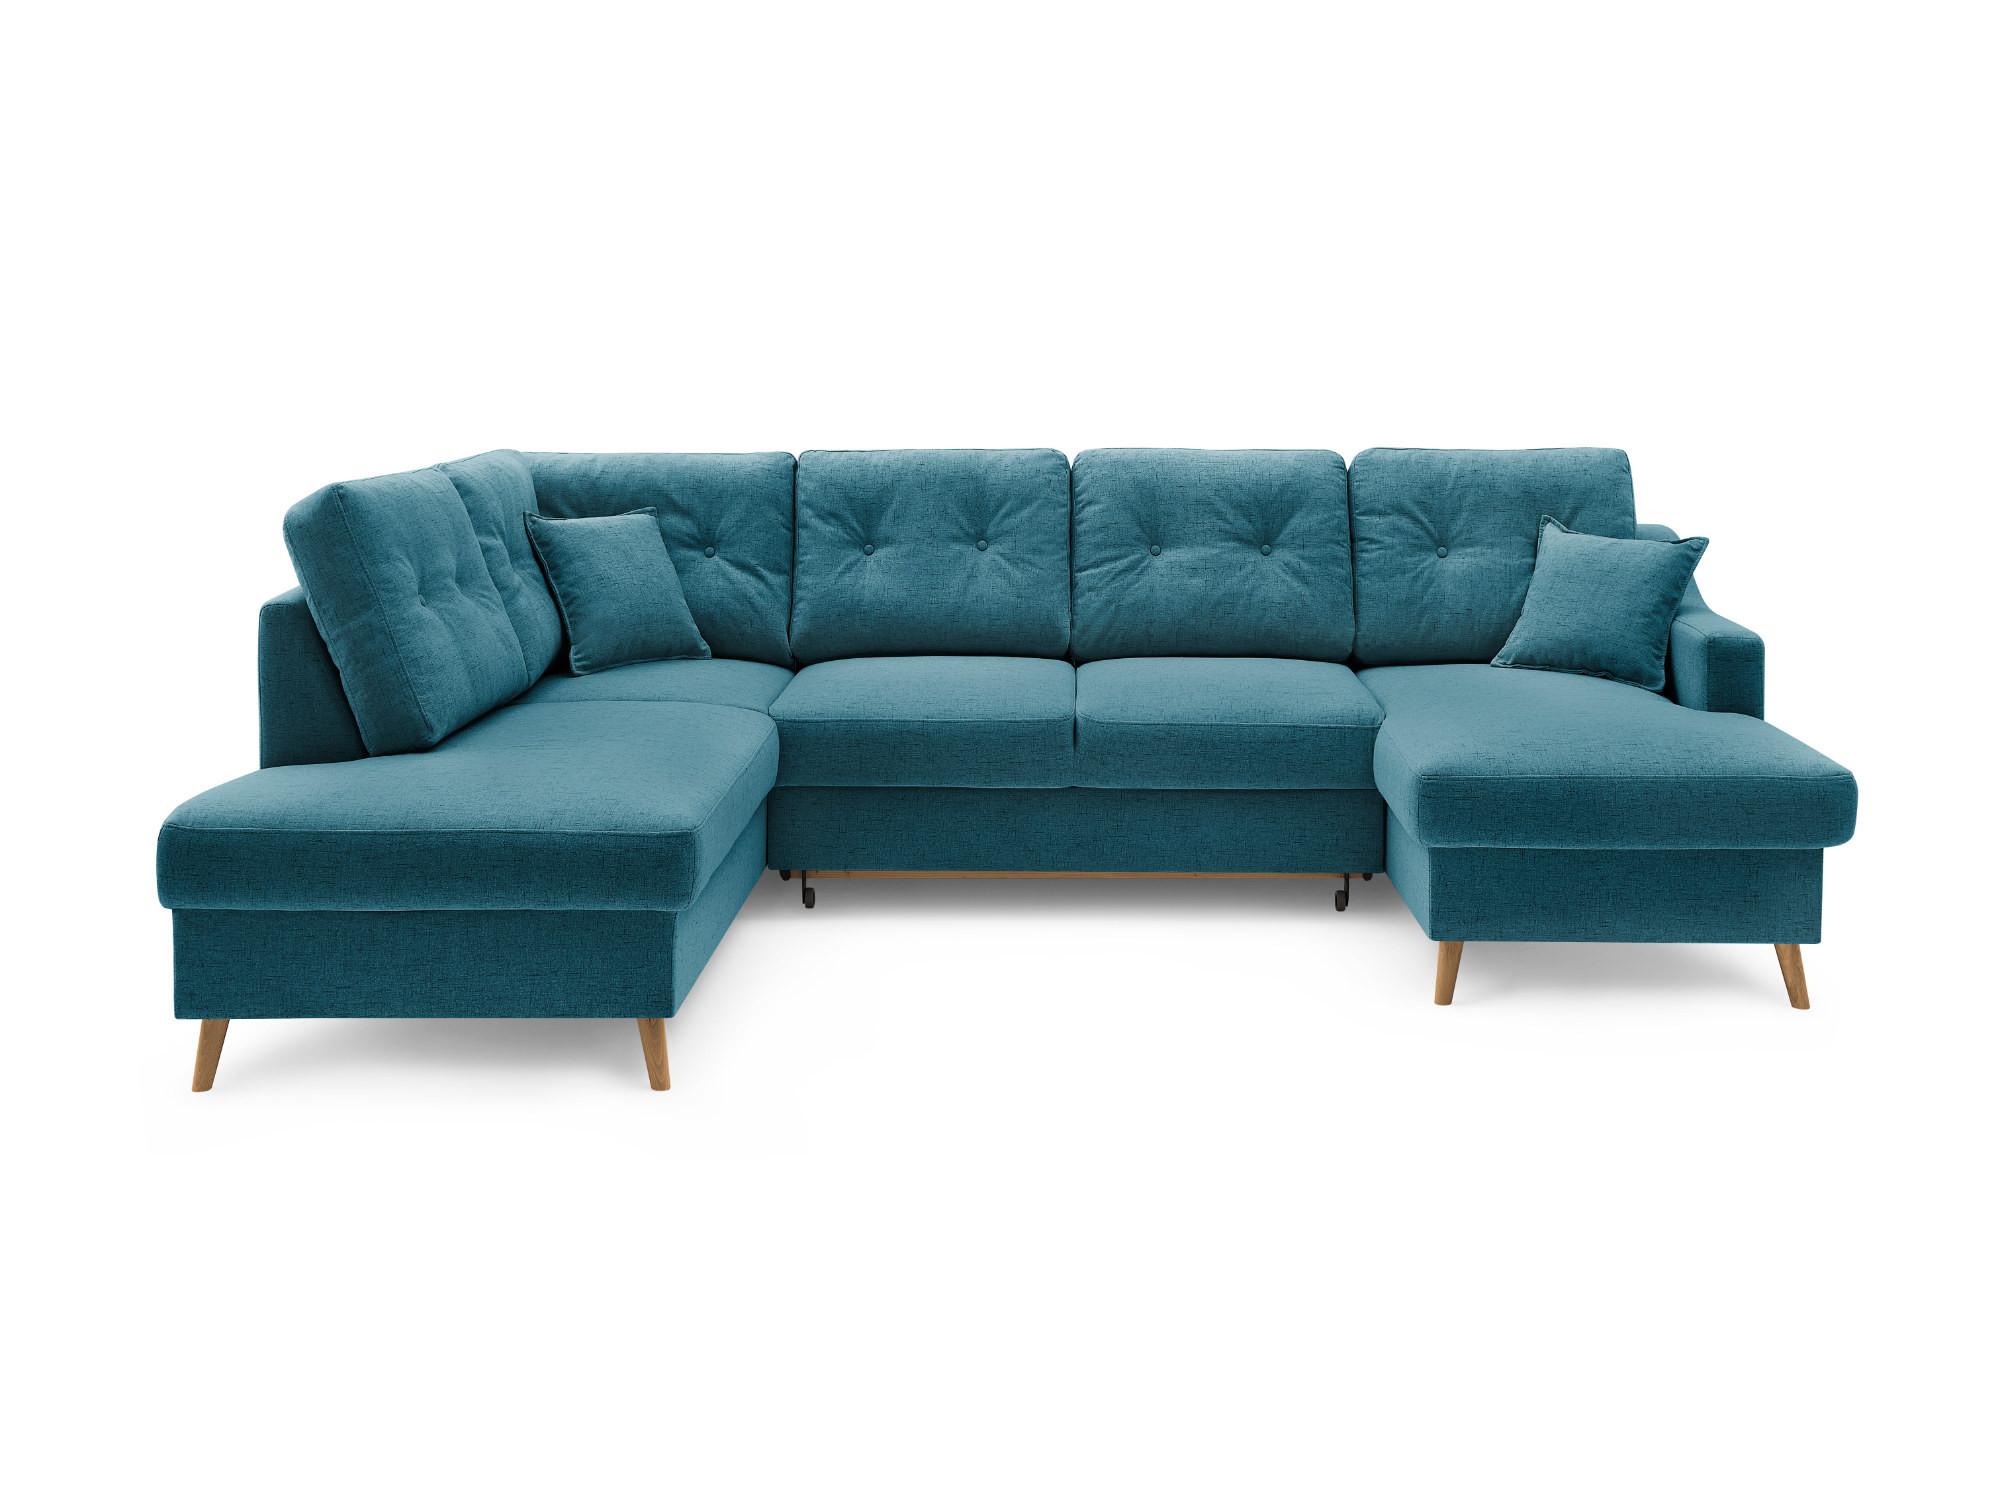 Canapé panoramique Angle gauche 7 places Tissu Bleu canard